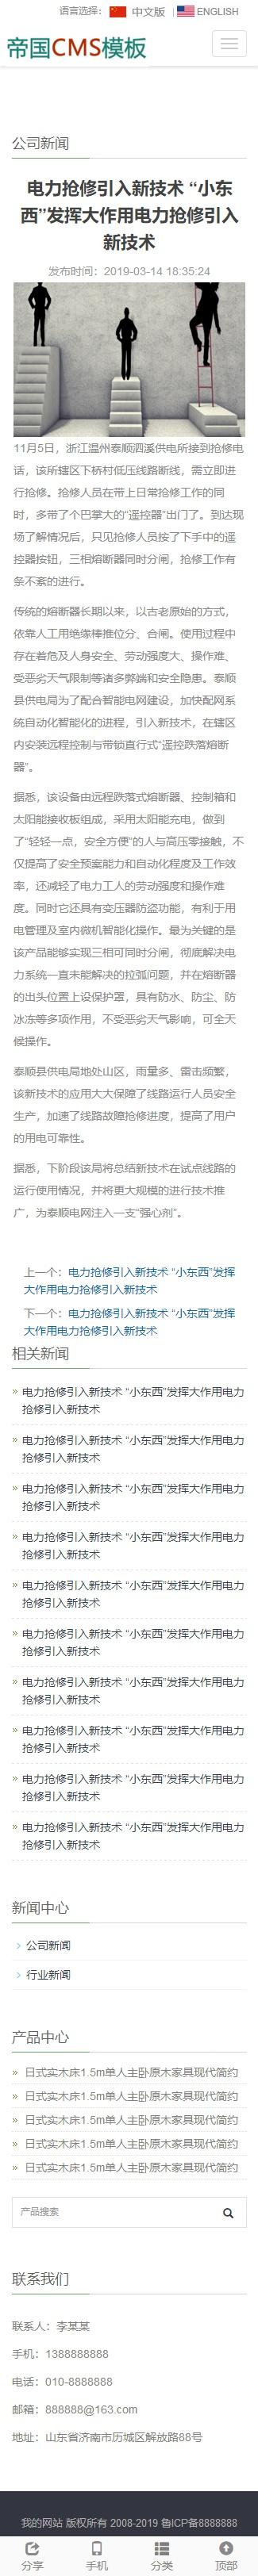 帝国cms自适应响应式中英文双语公司企业通用网站模板_手机版新闻内容页